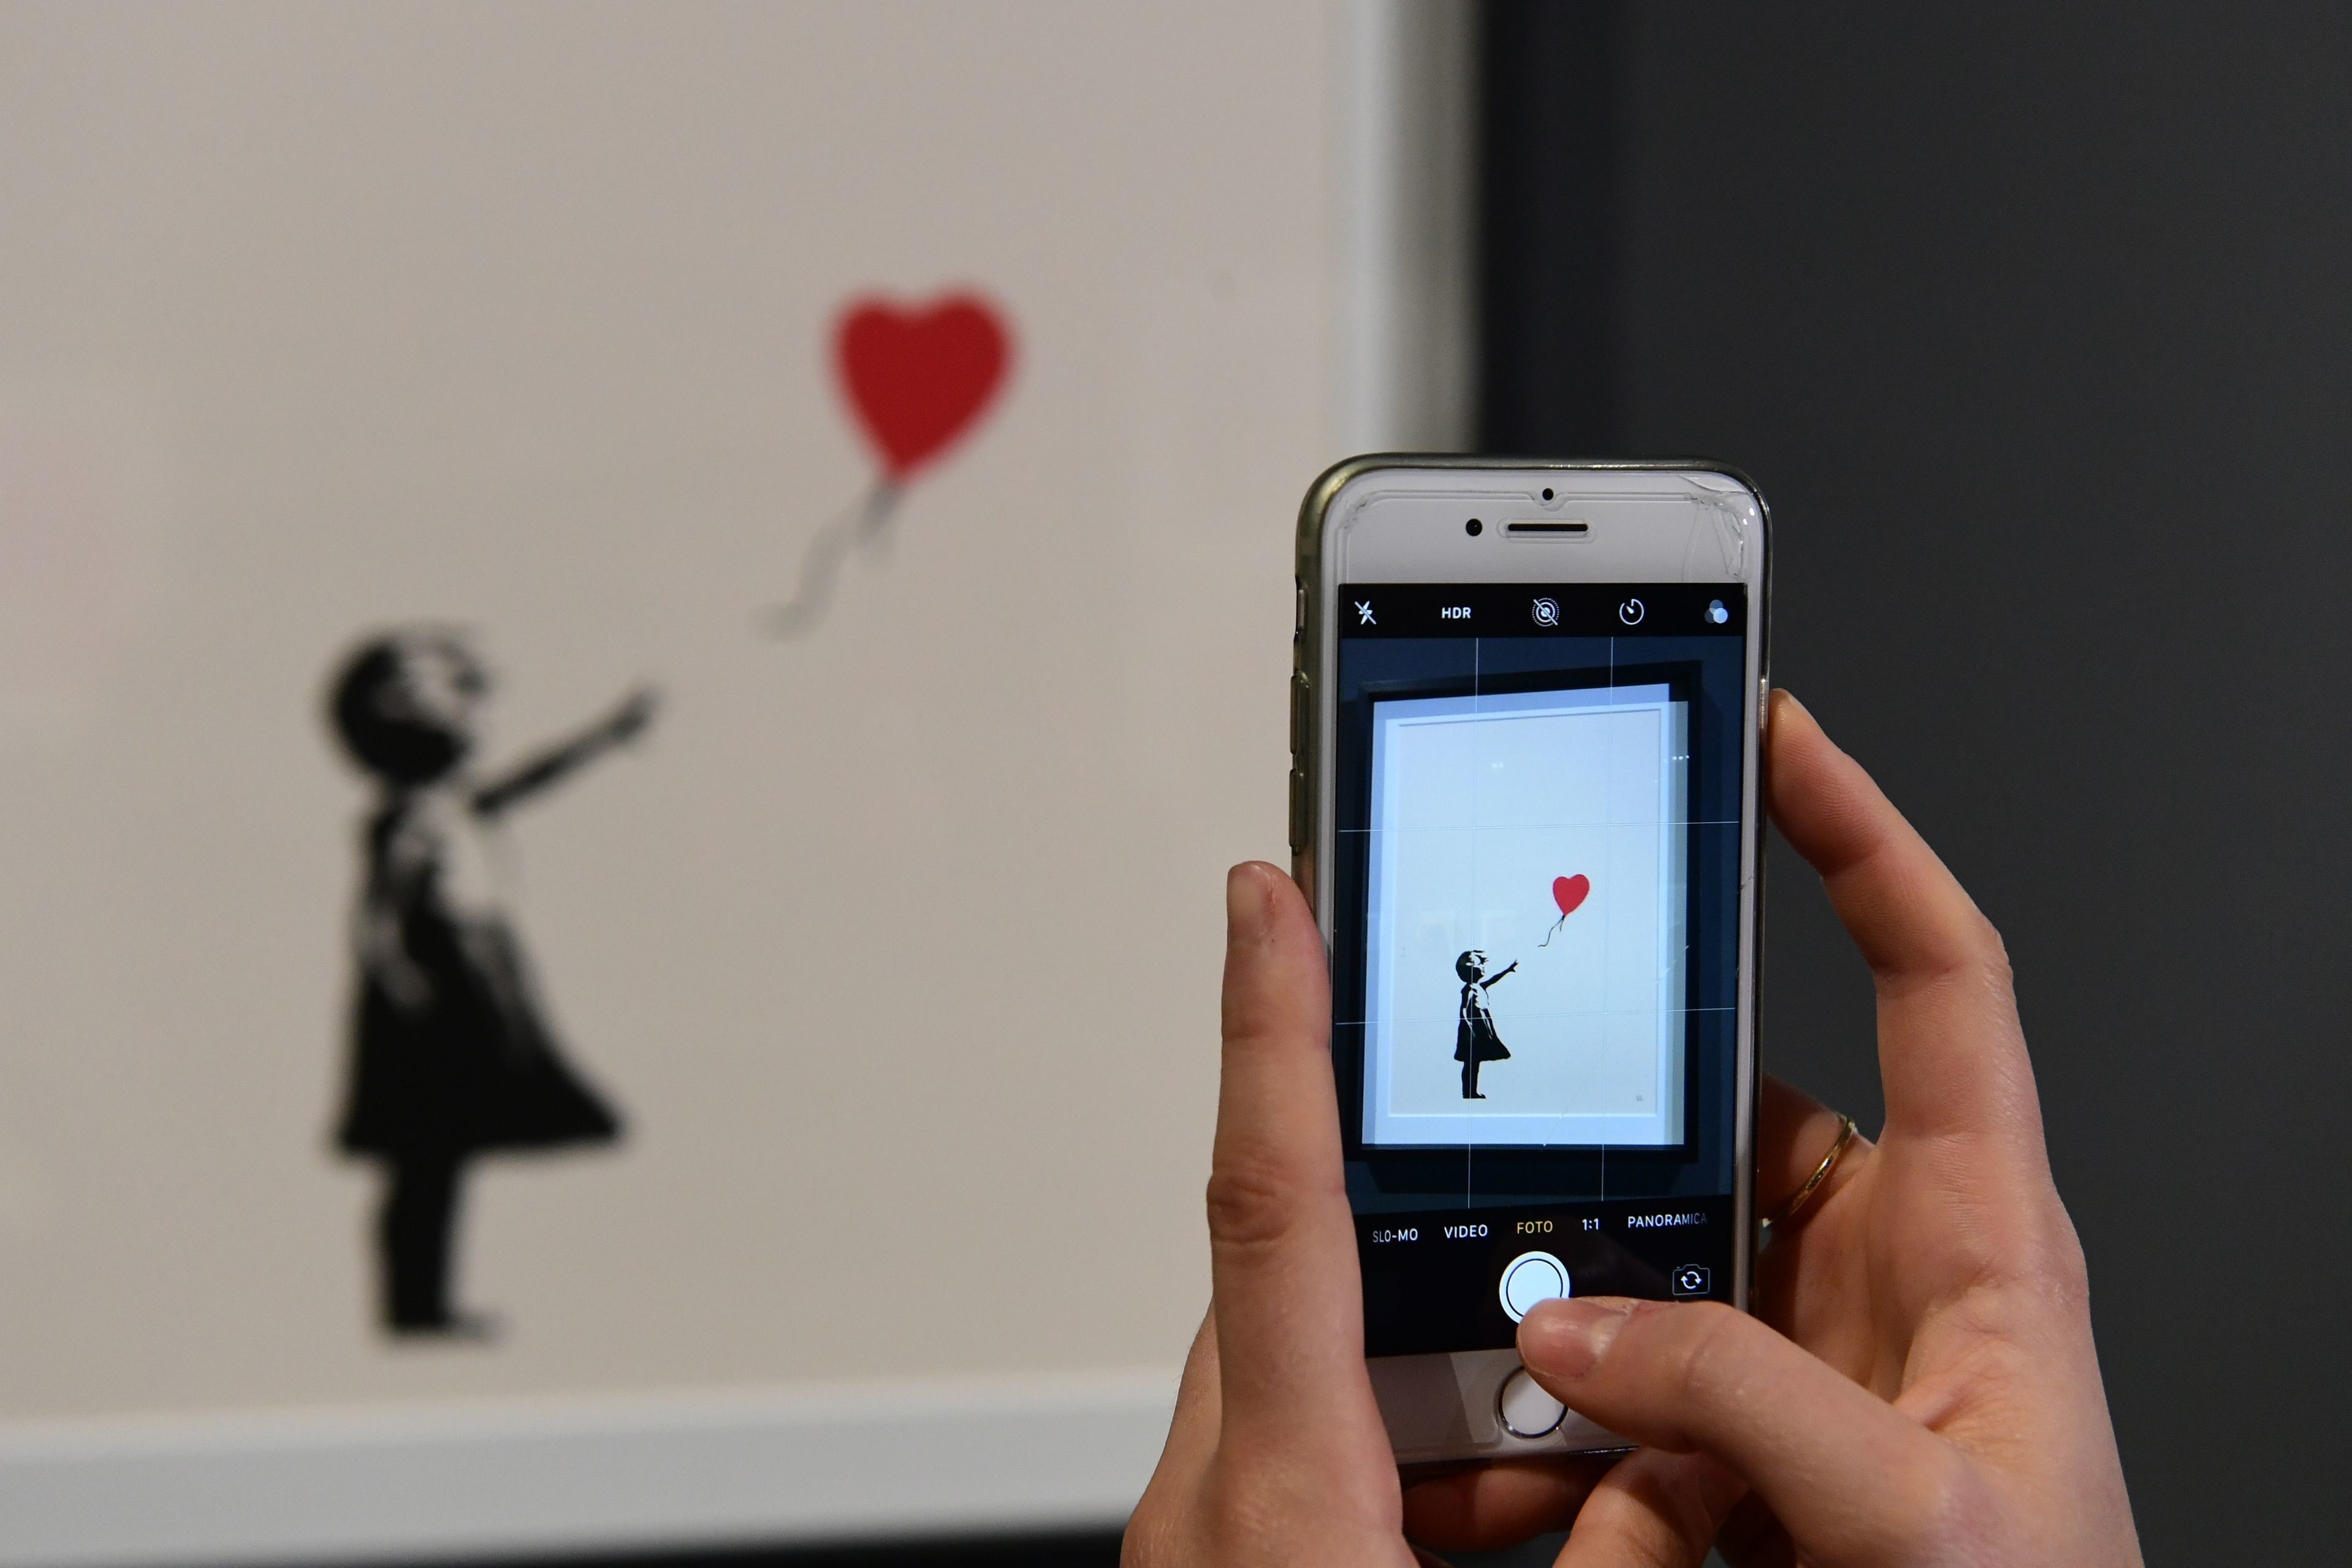 Ο διάσημος πίνακας του Banksy που αυτοκαταστράφηκε πρώτη φορά σε